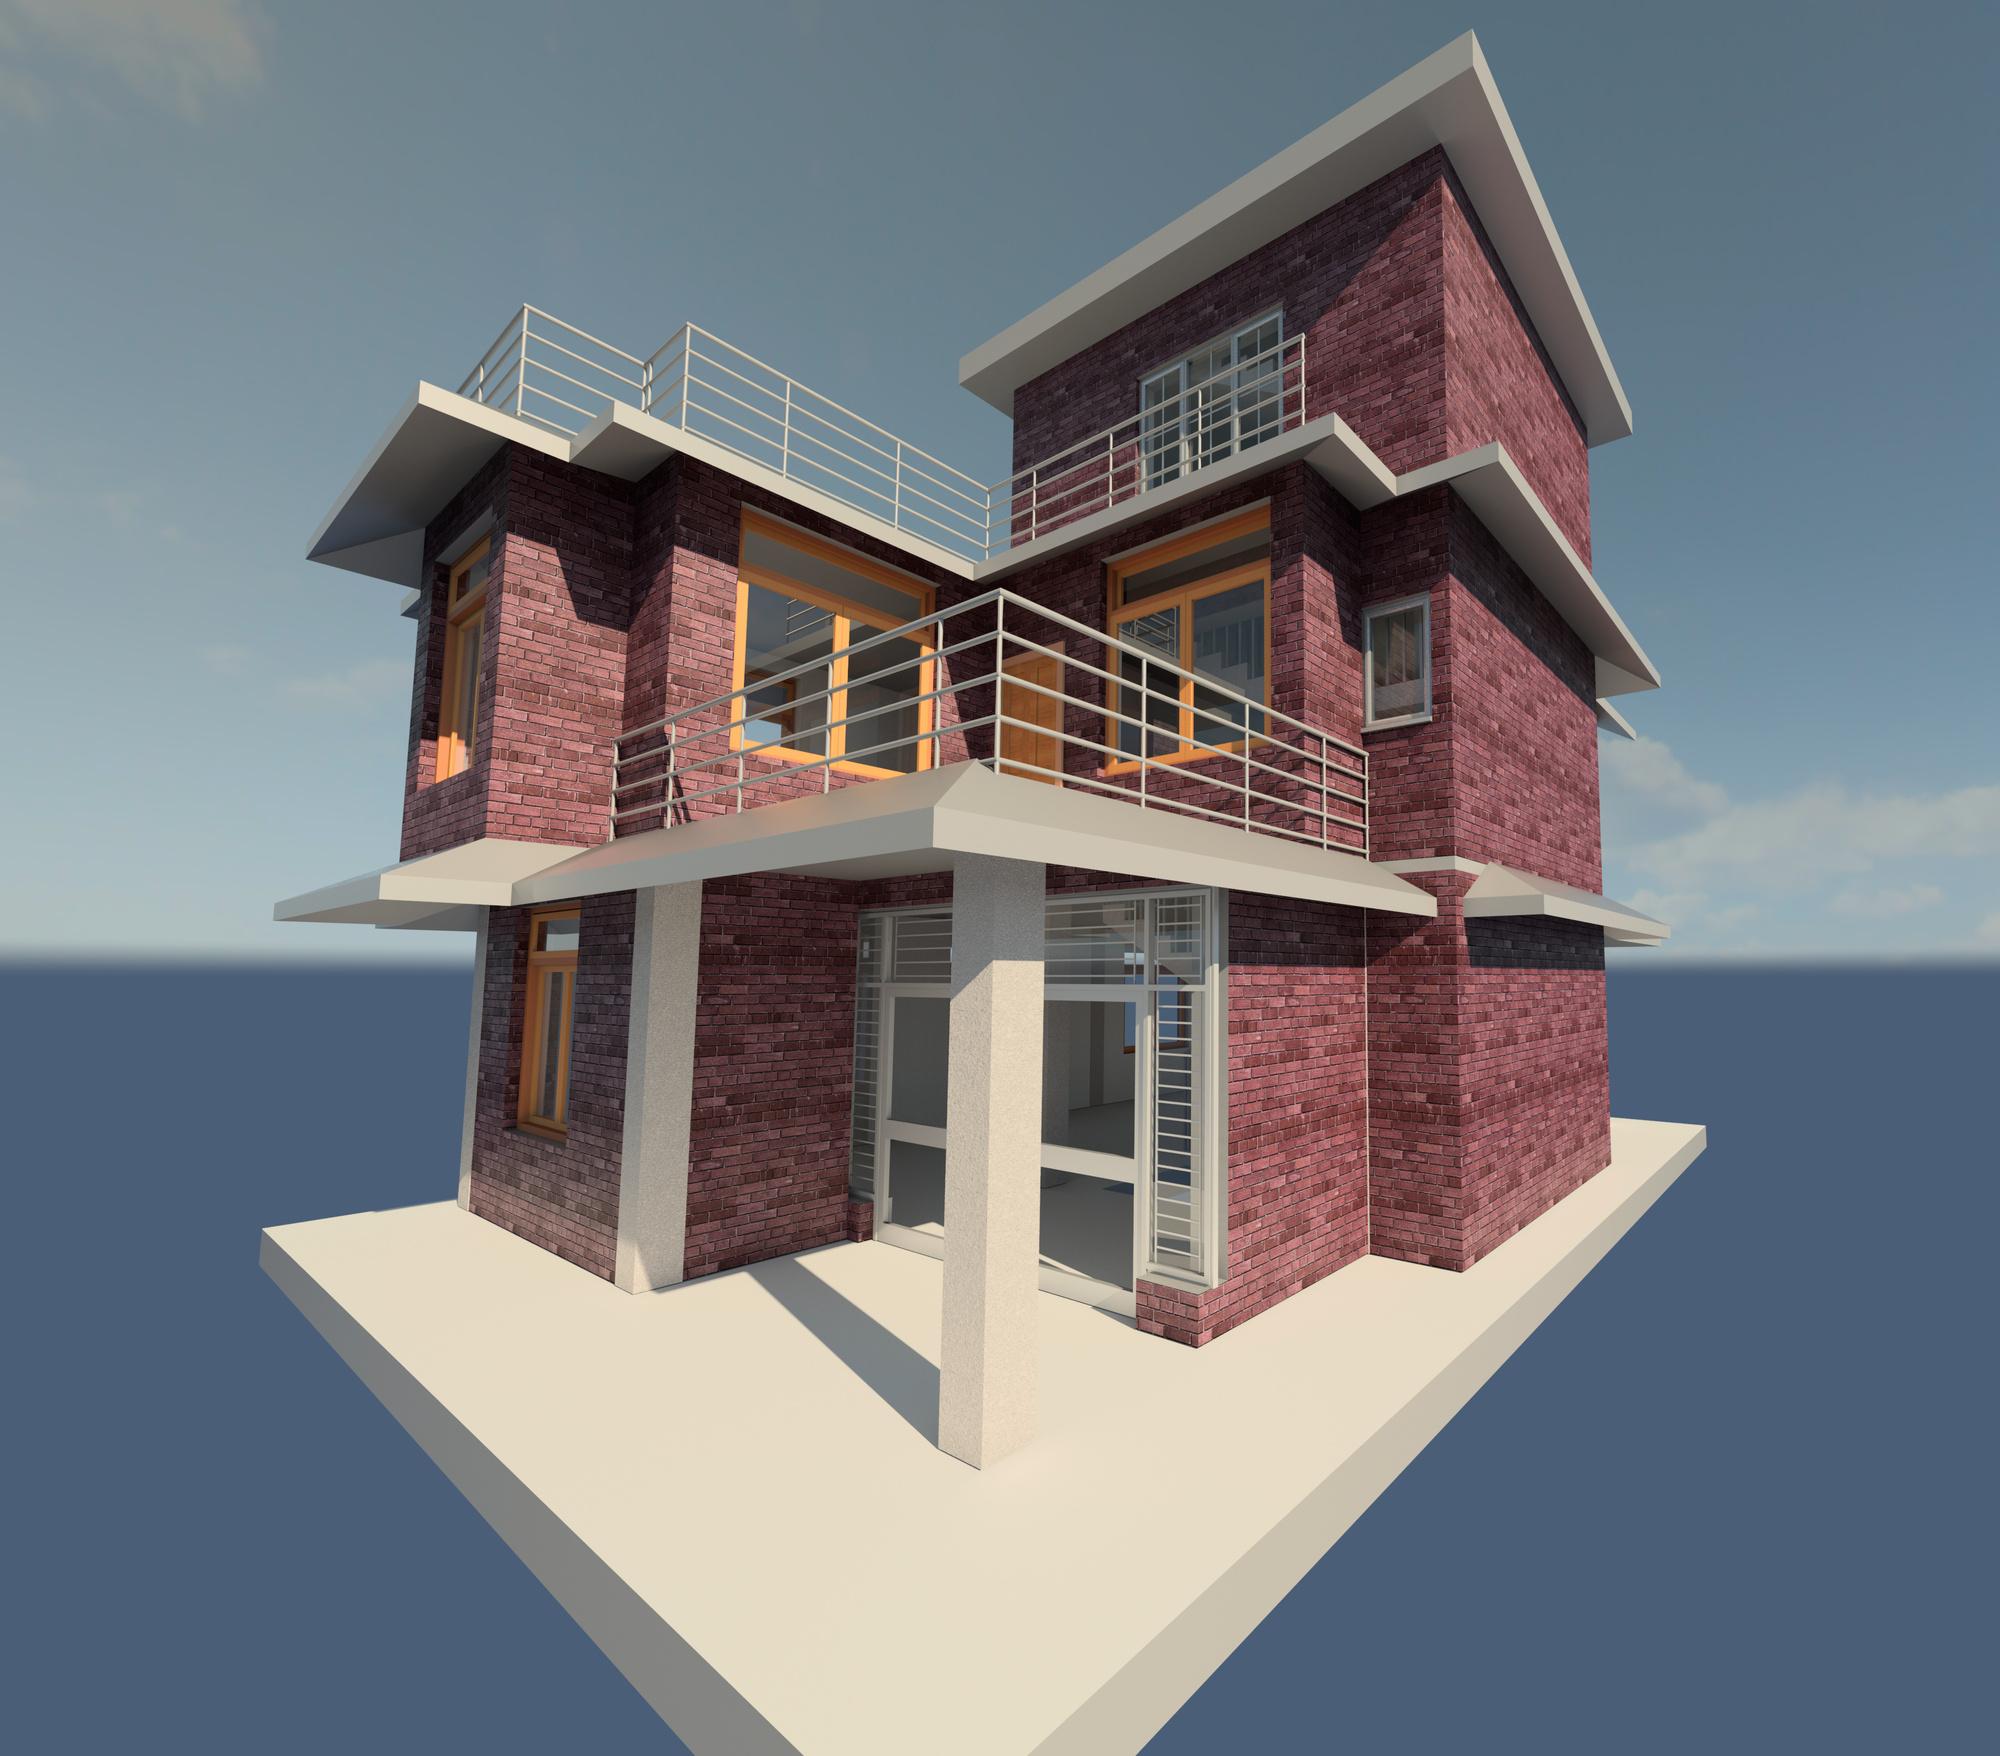 Raas-rendering20150211-10069-476lv1